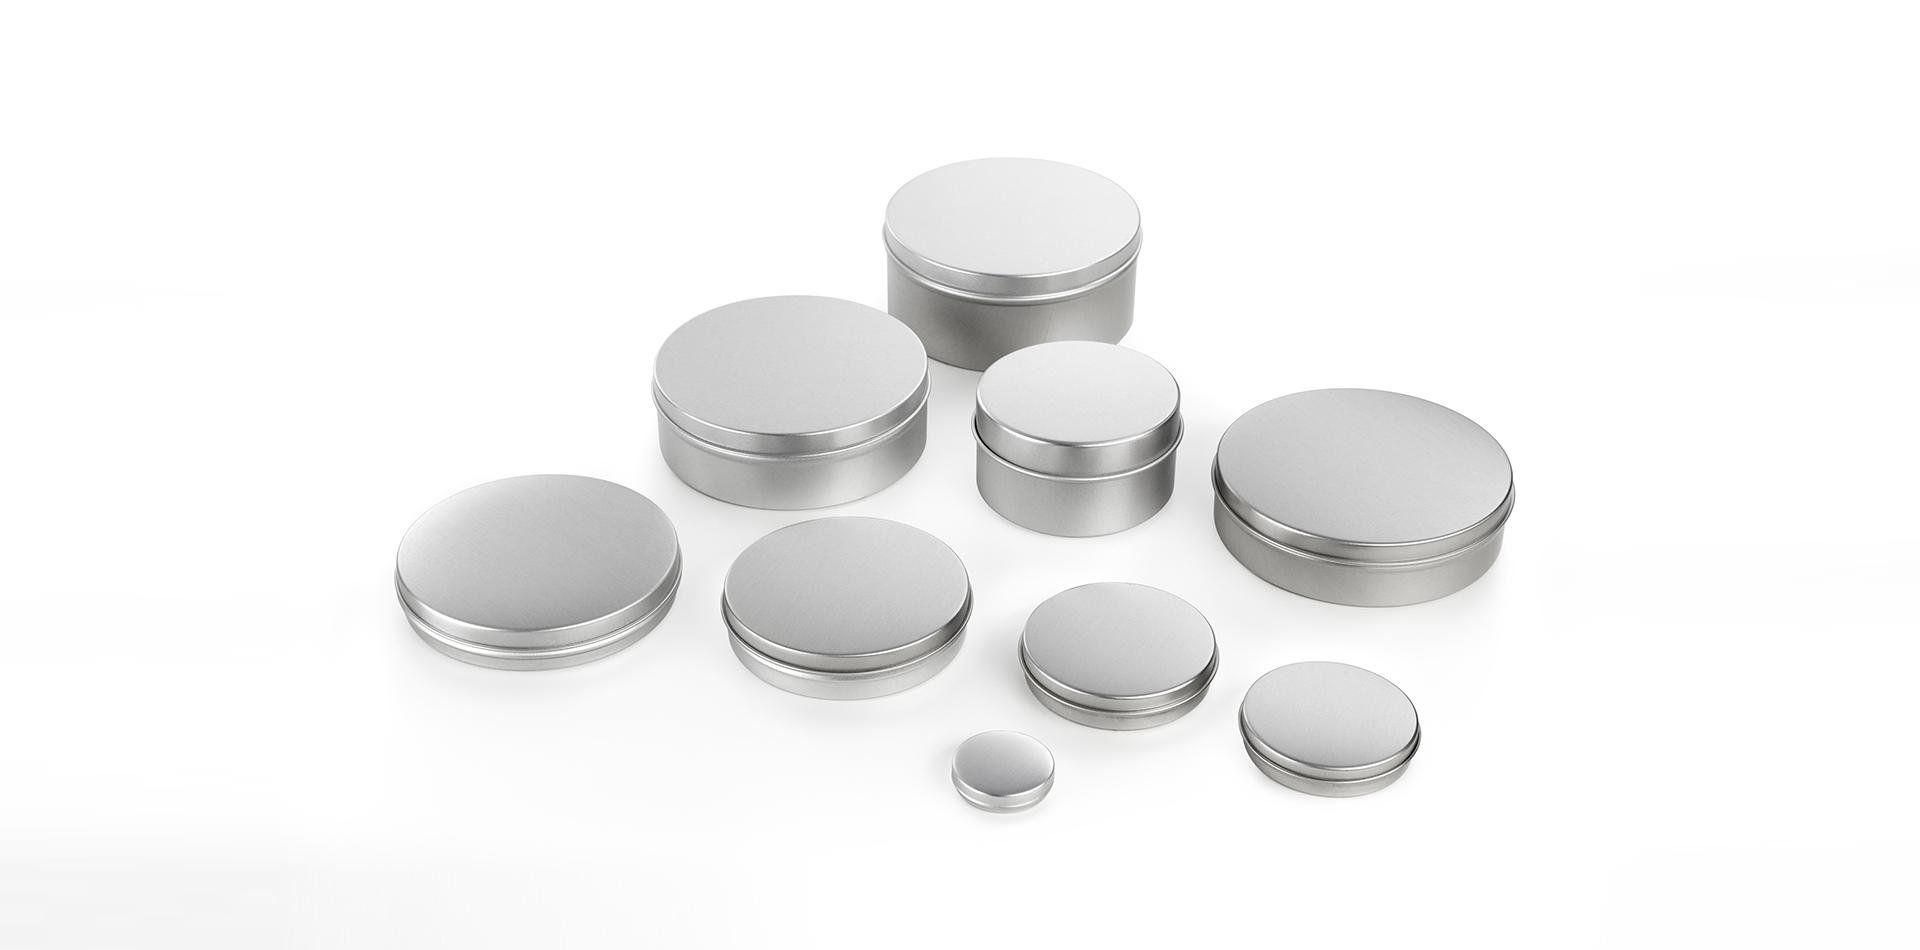 scatole-2-pezzi-alluminio